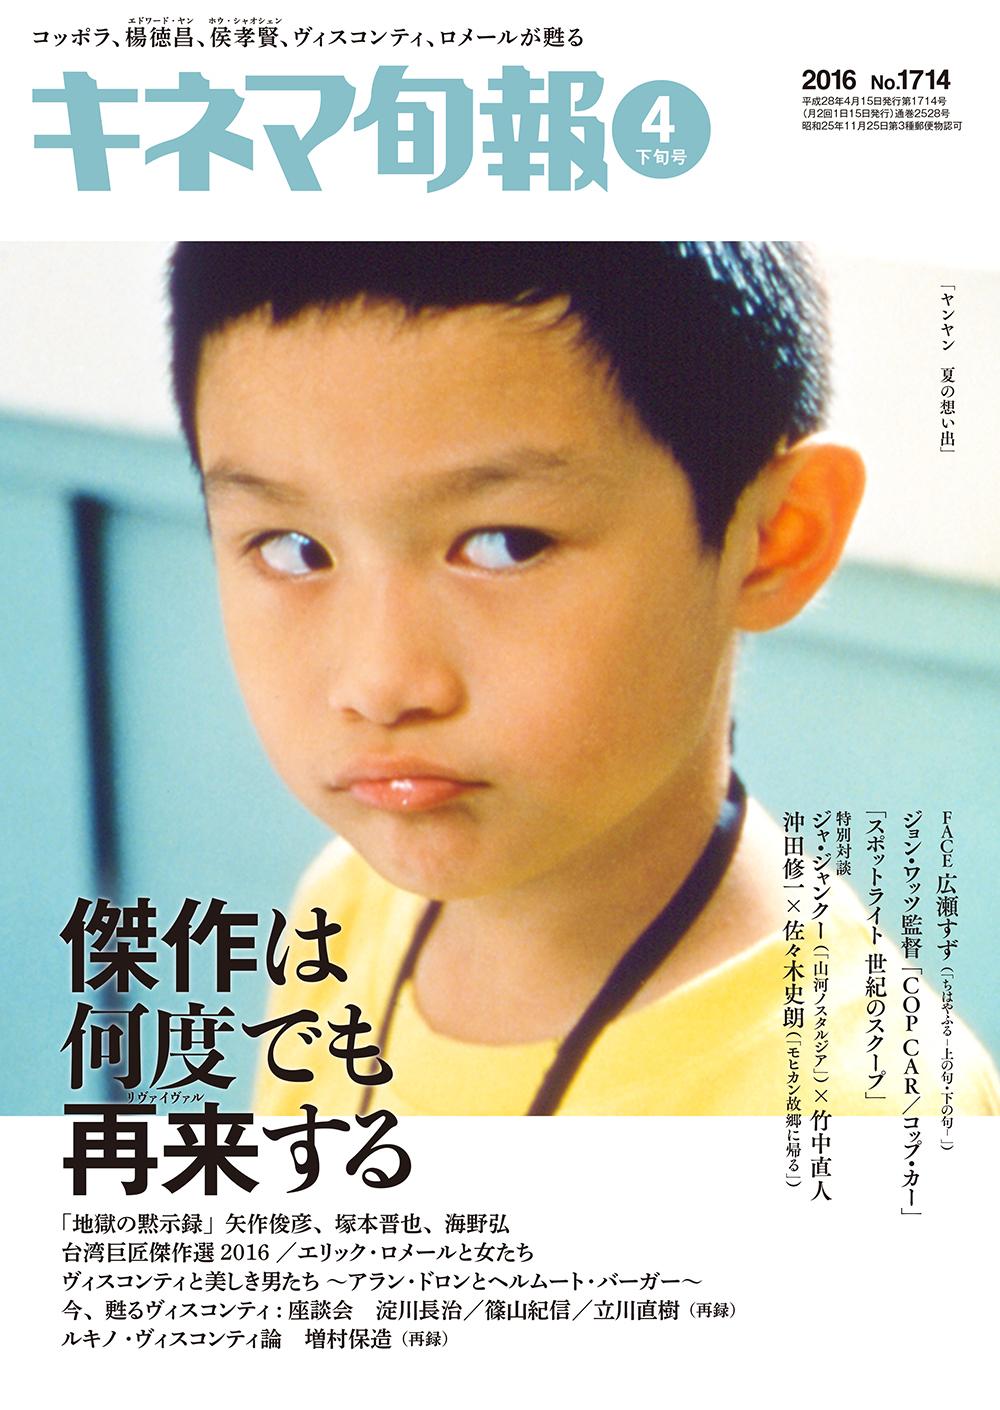 キネマ旬報 2016年4月下旬号(No.1714)